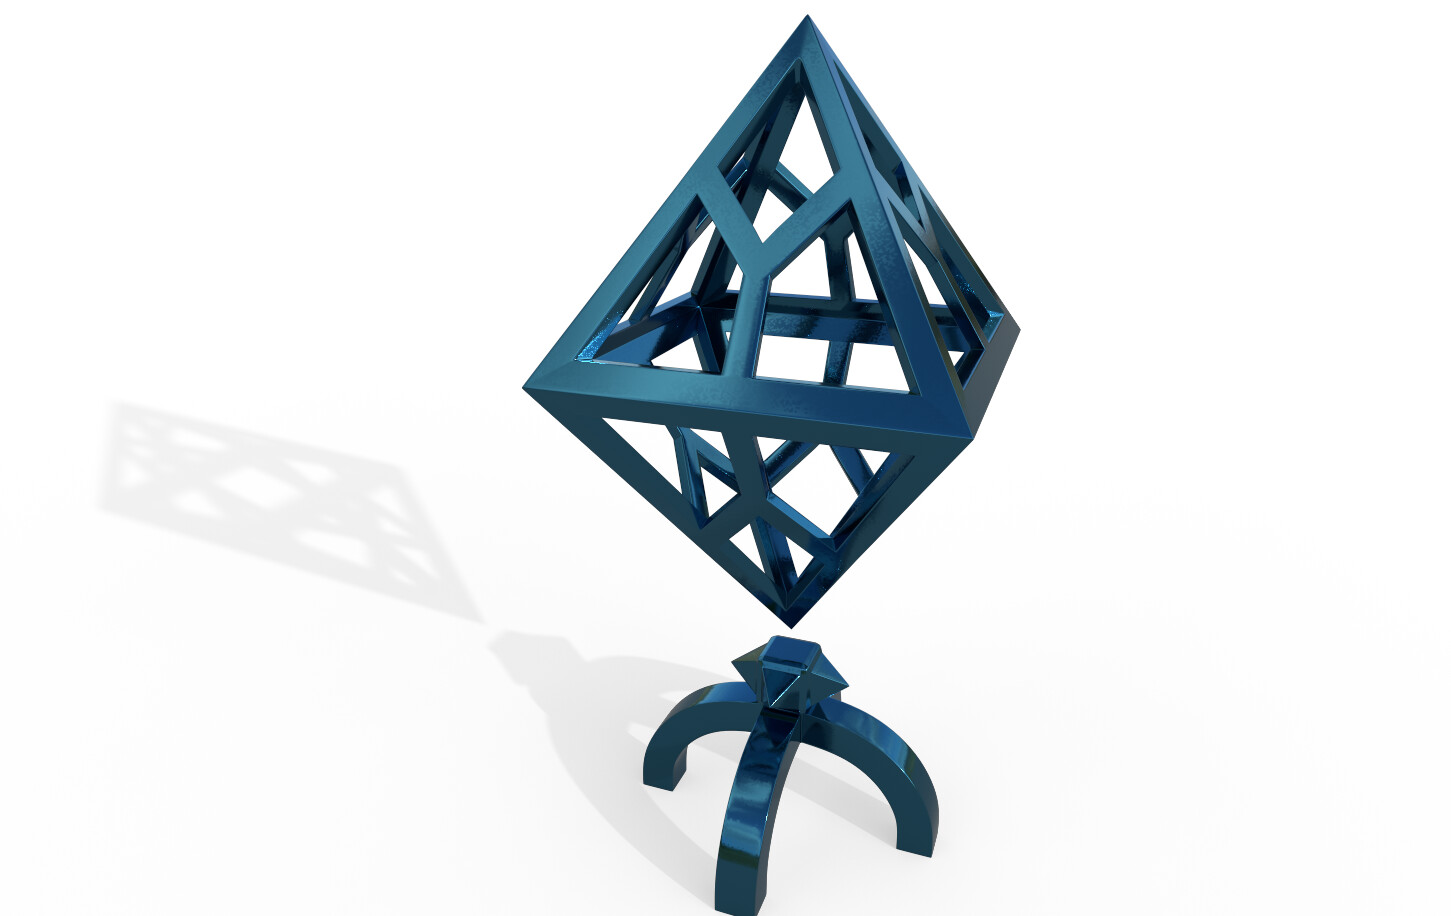 Joseph moniz cube001j